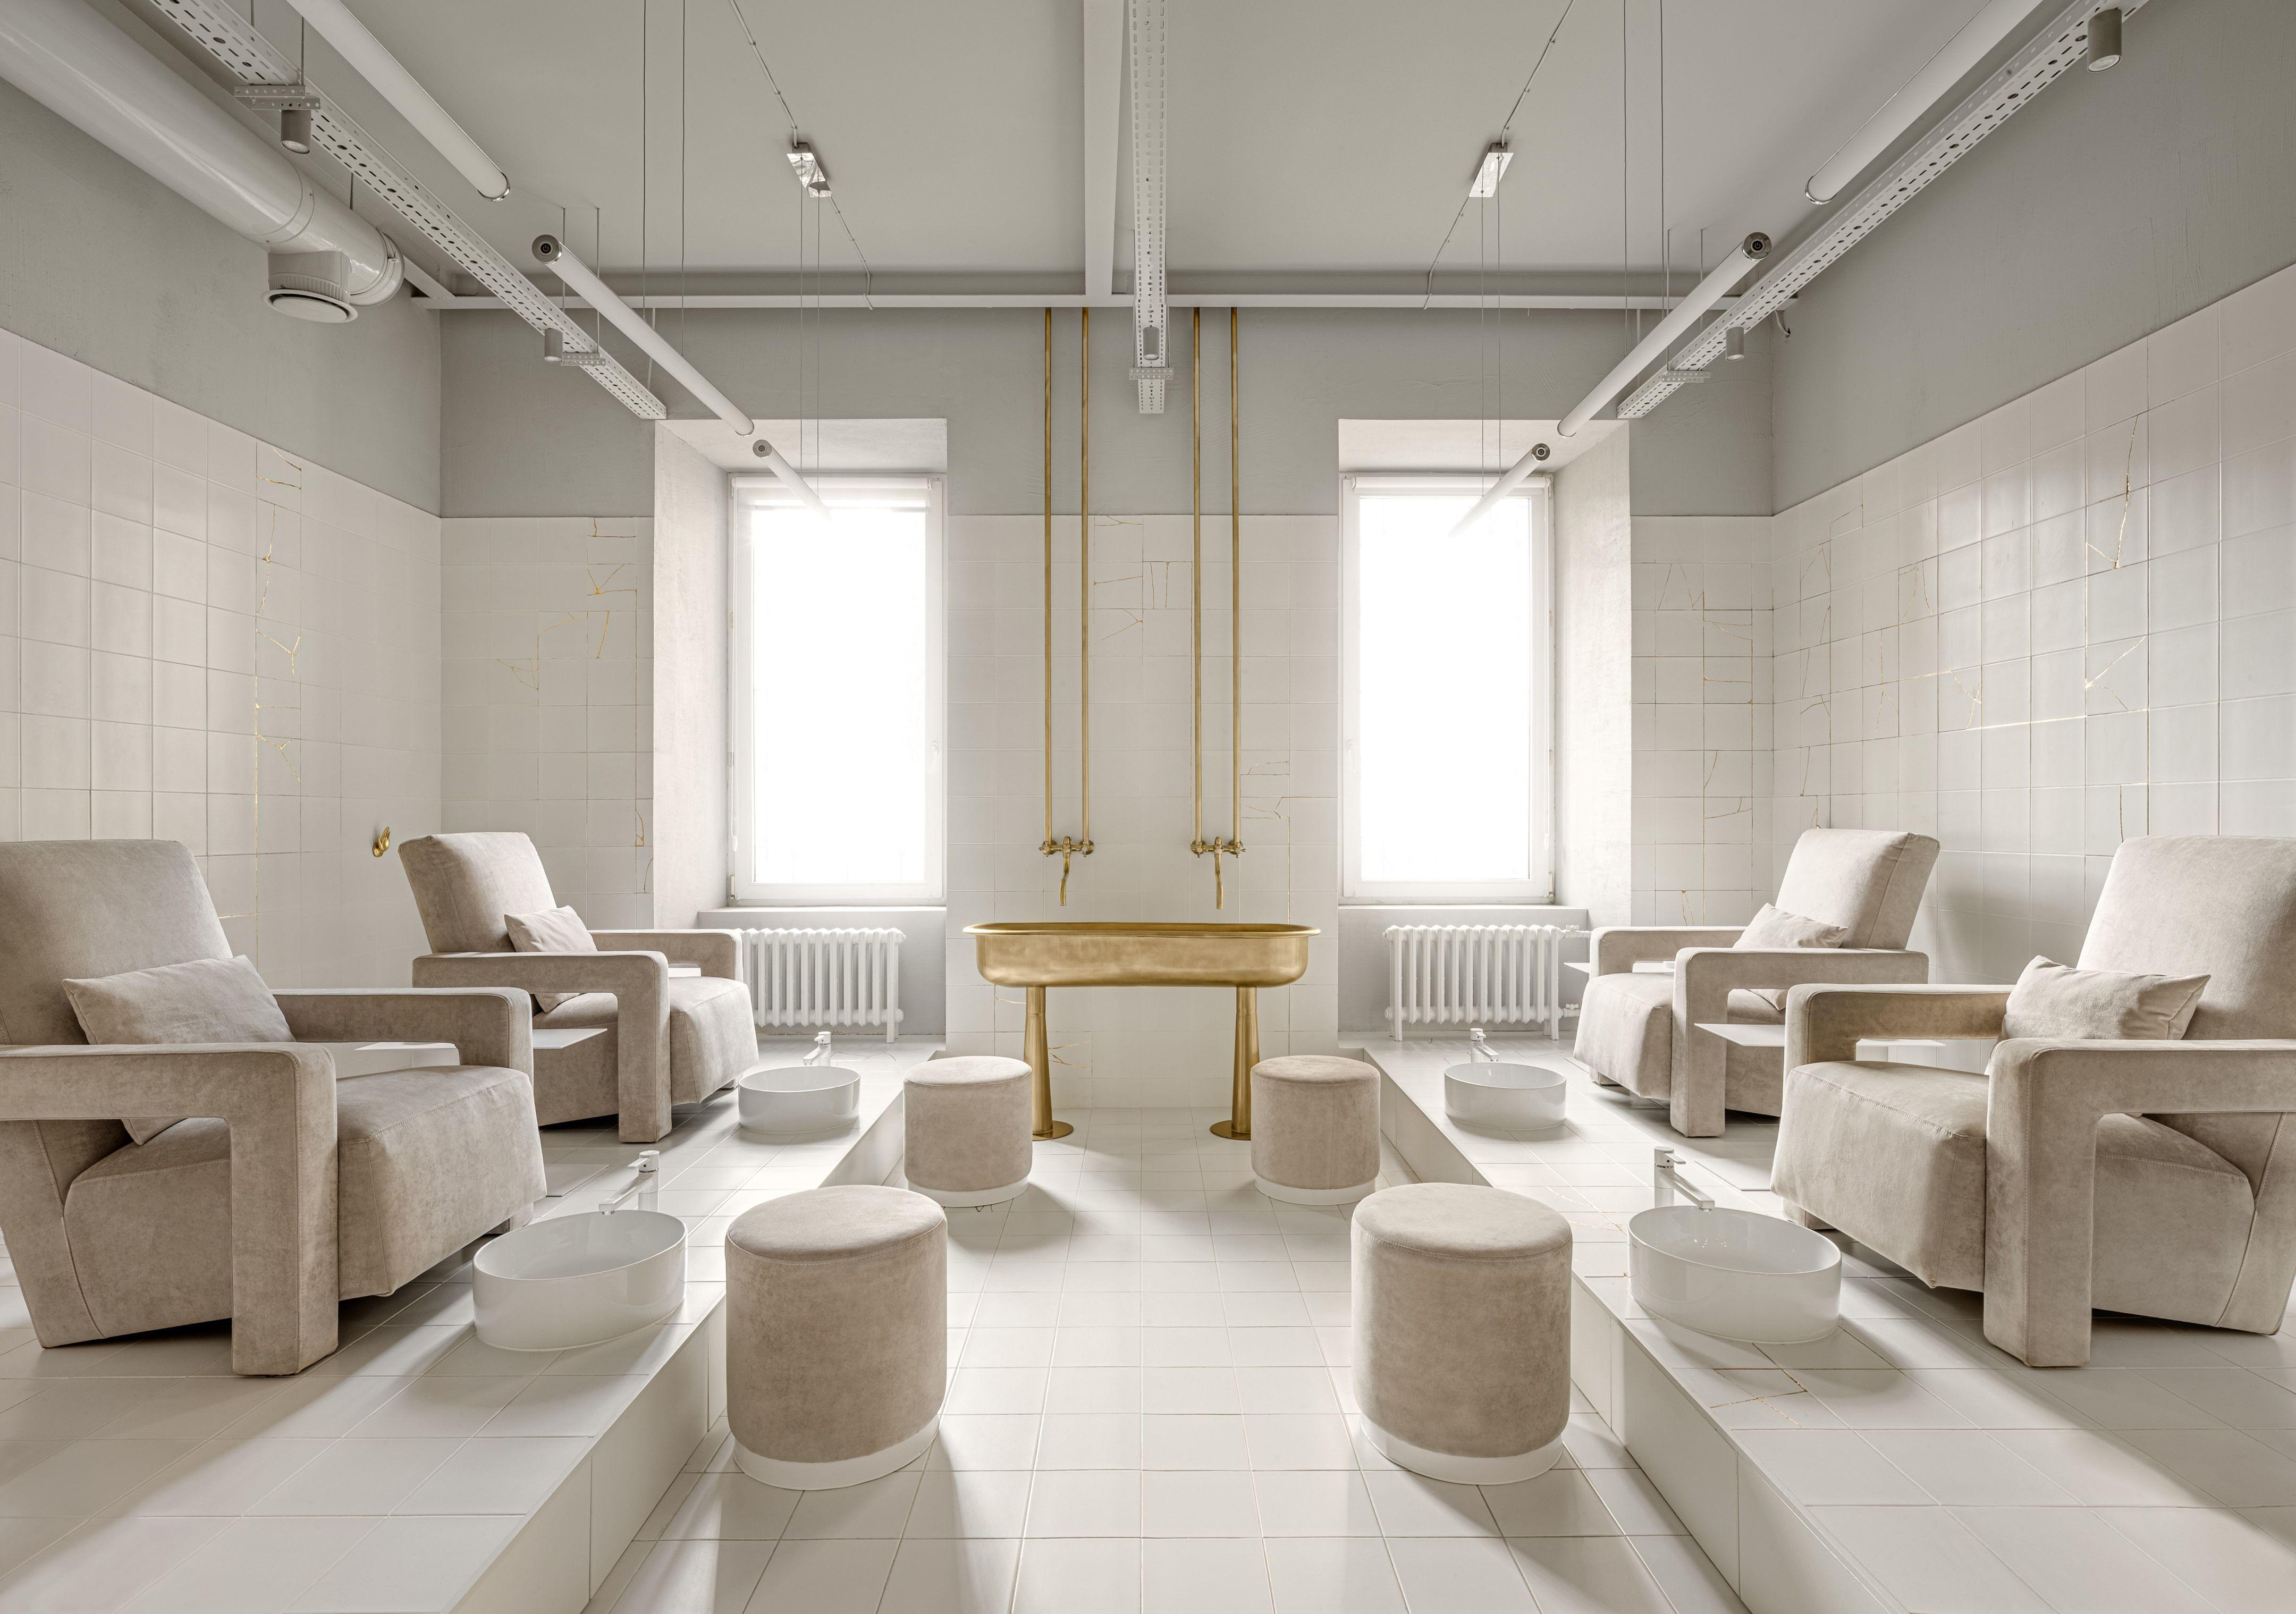 Say No Mo Picture Gallery In 2020 Interior Architecture Interior Design Interior